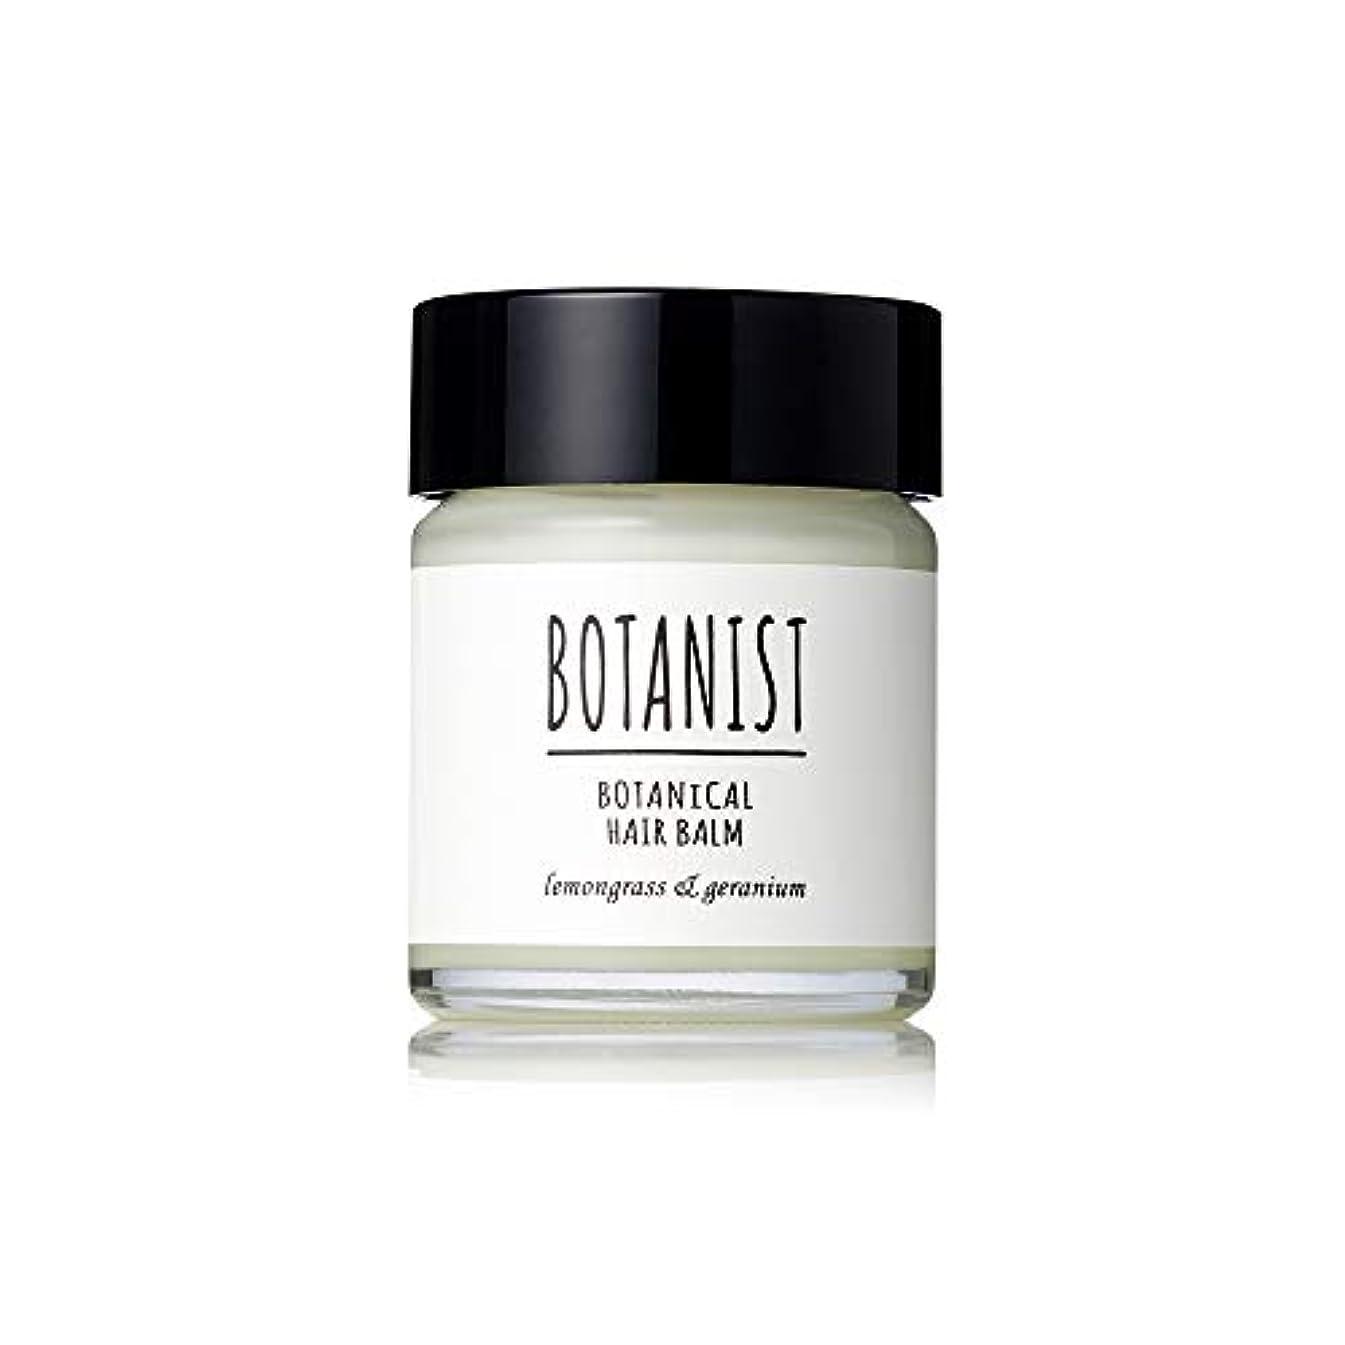 アンテナ食用夏BOTANIST ボタニスト ボタニカルヘアバーム 32g レモングラス&ゼラニウムの香り